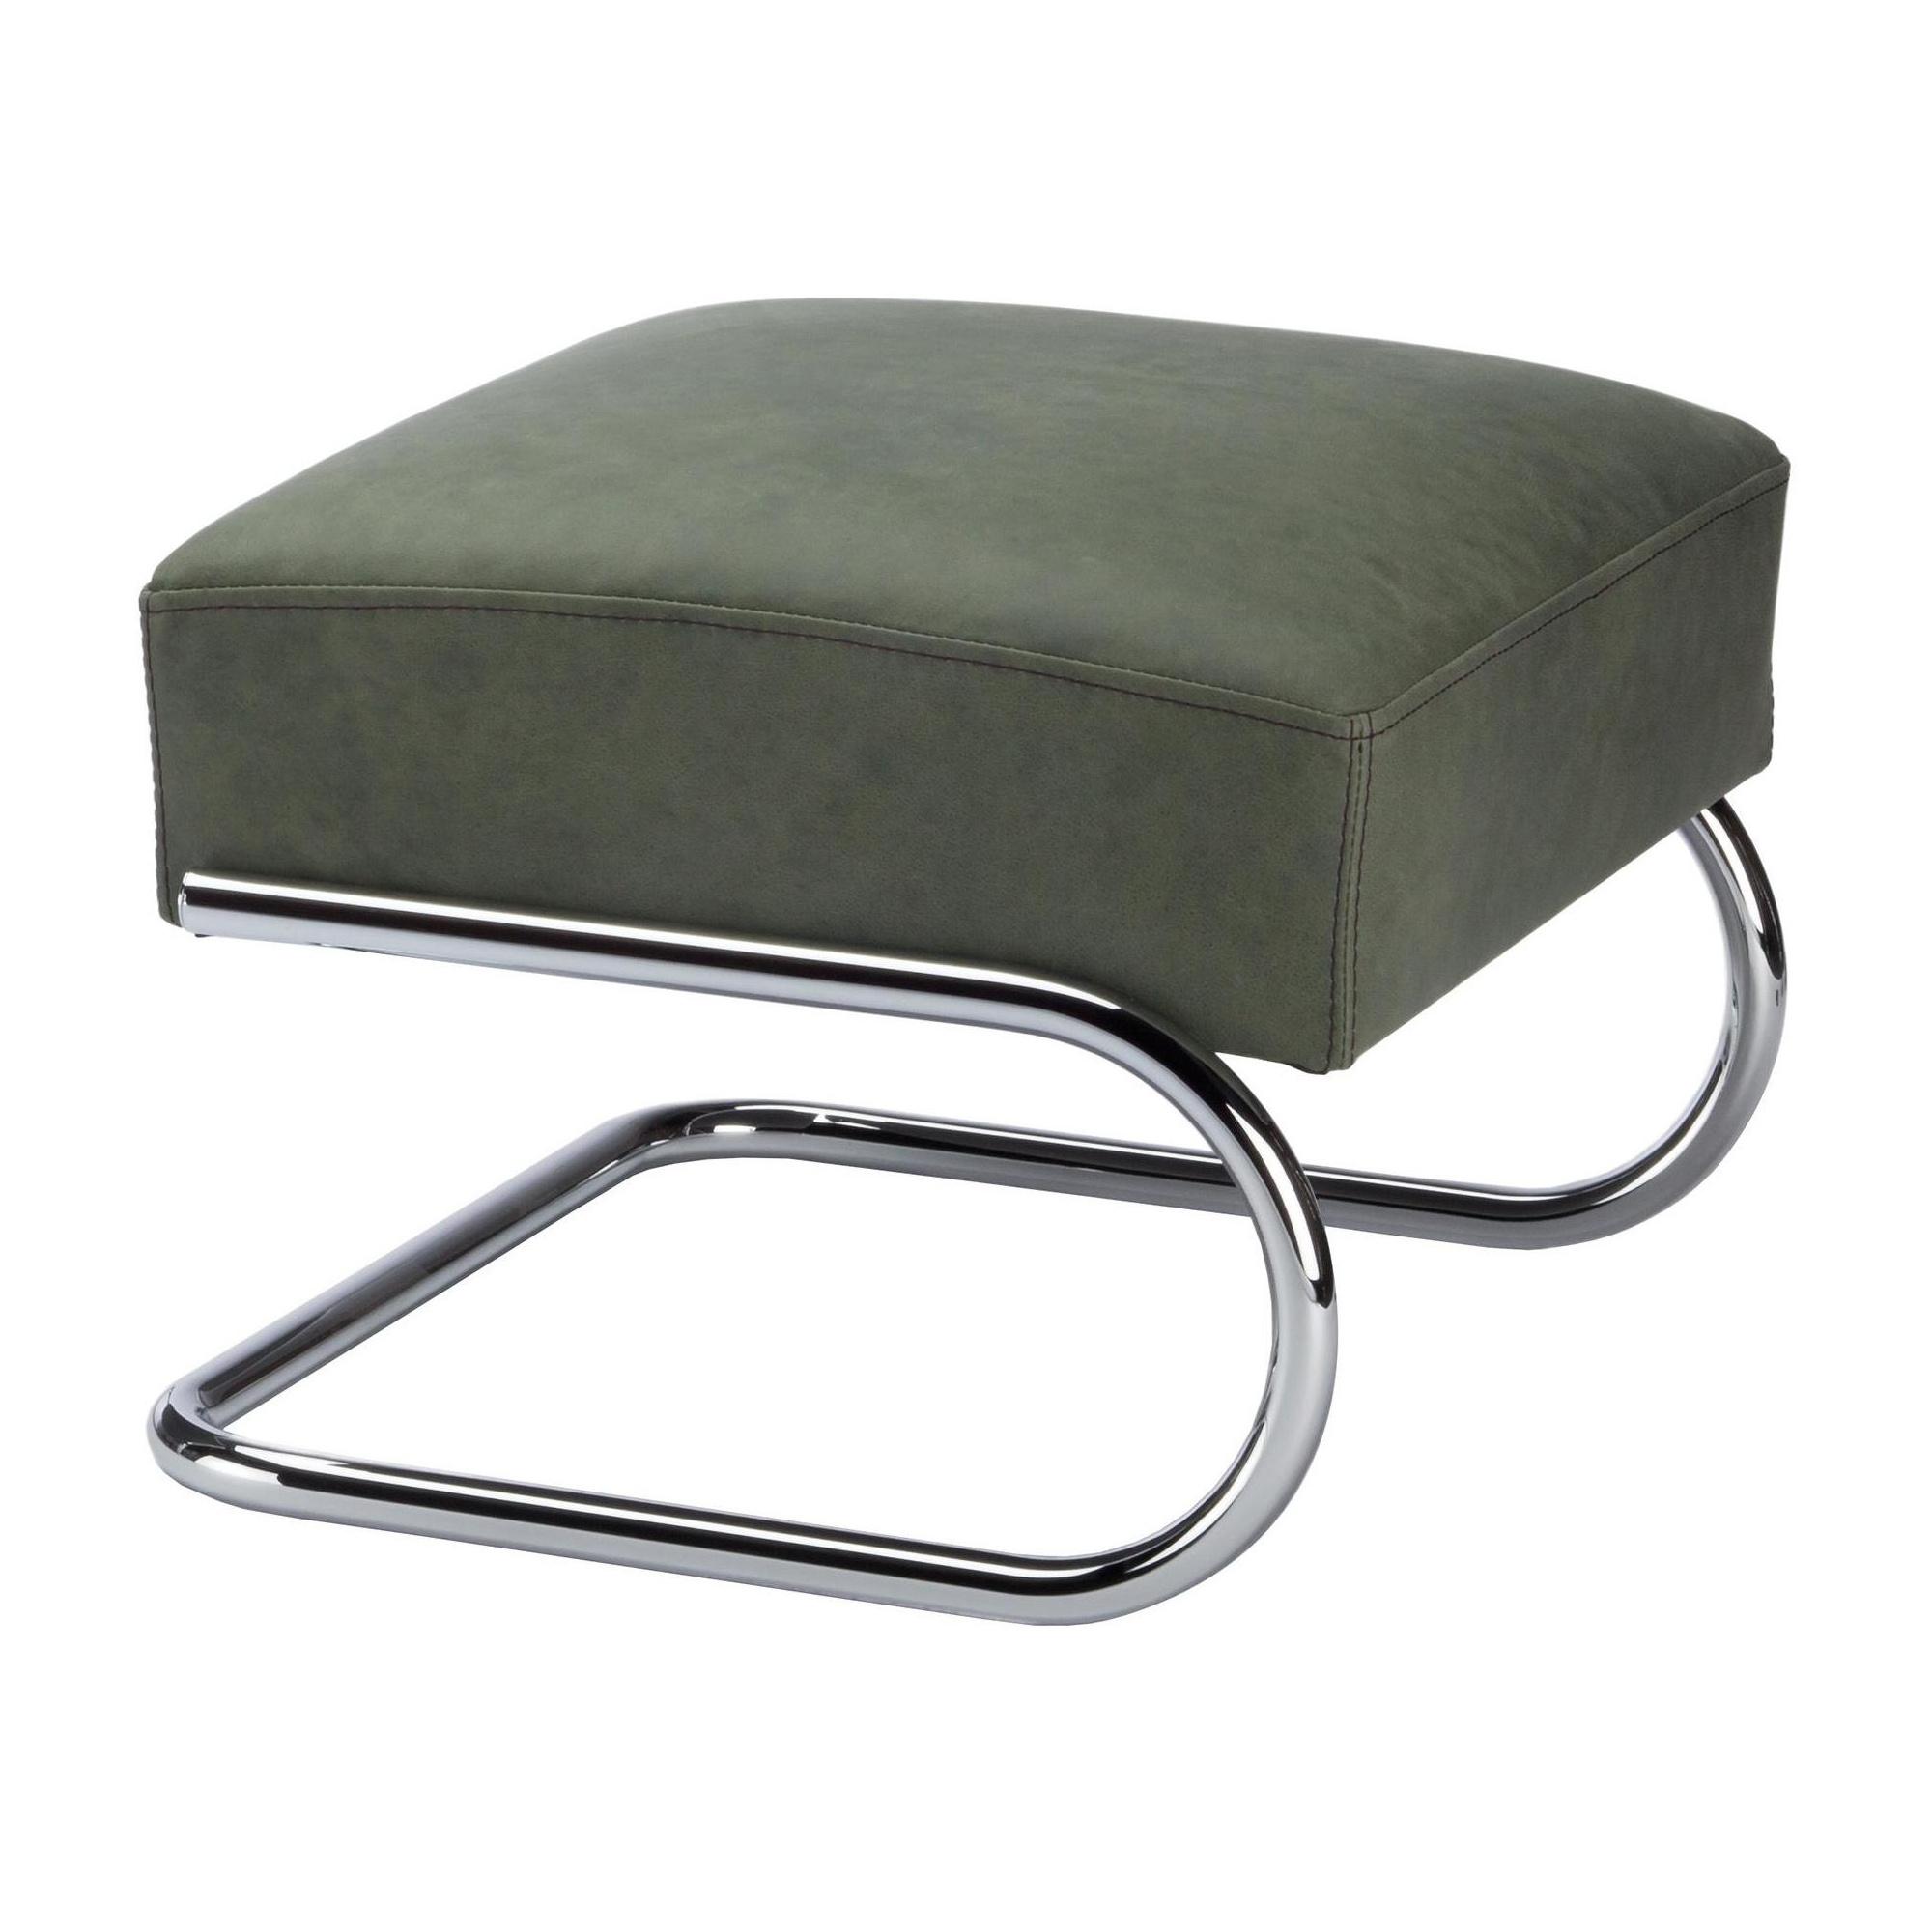 stahlgrau stahl Sitzhocker online kaufen | Möbel